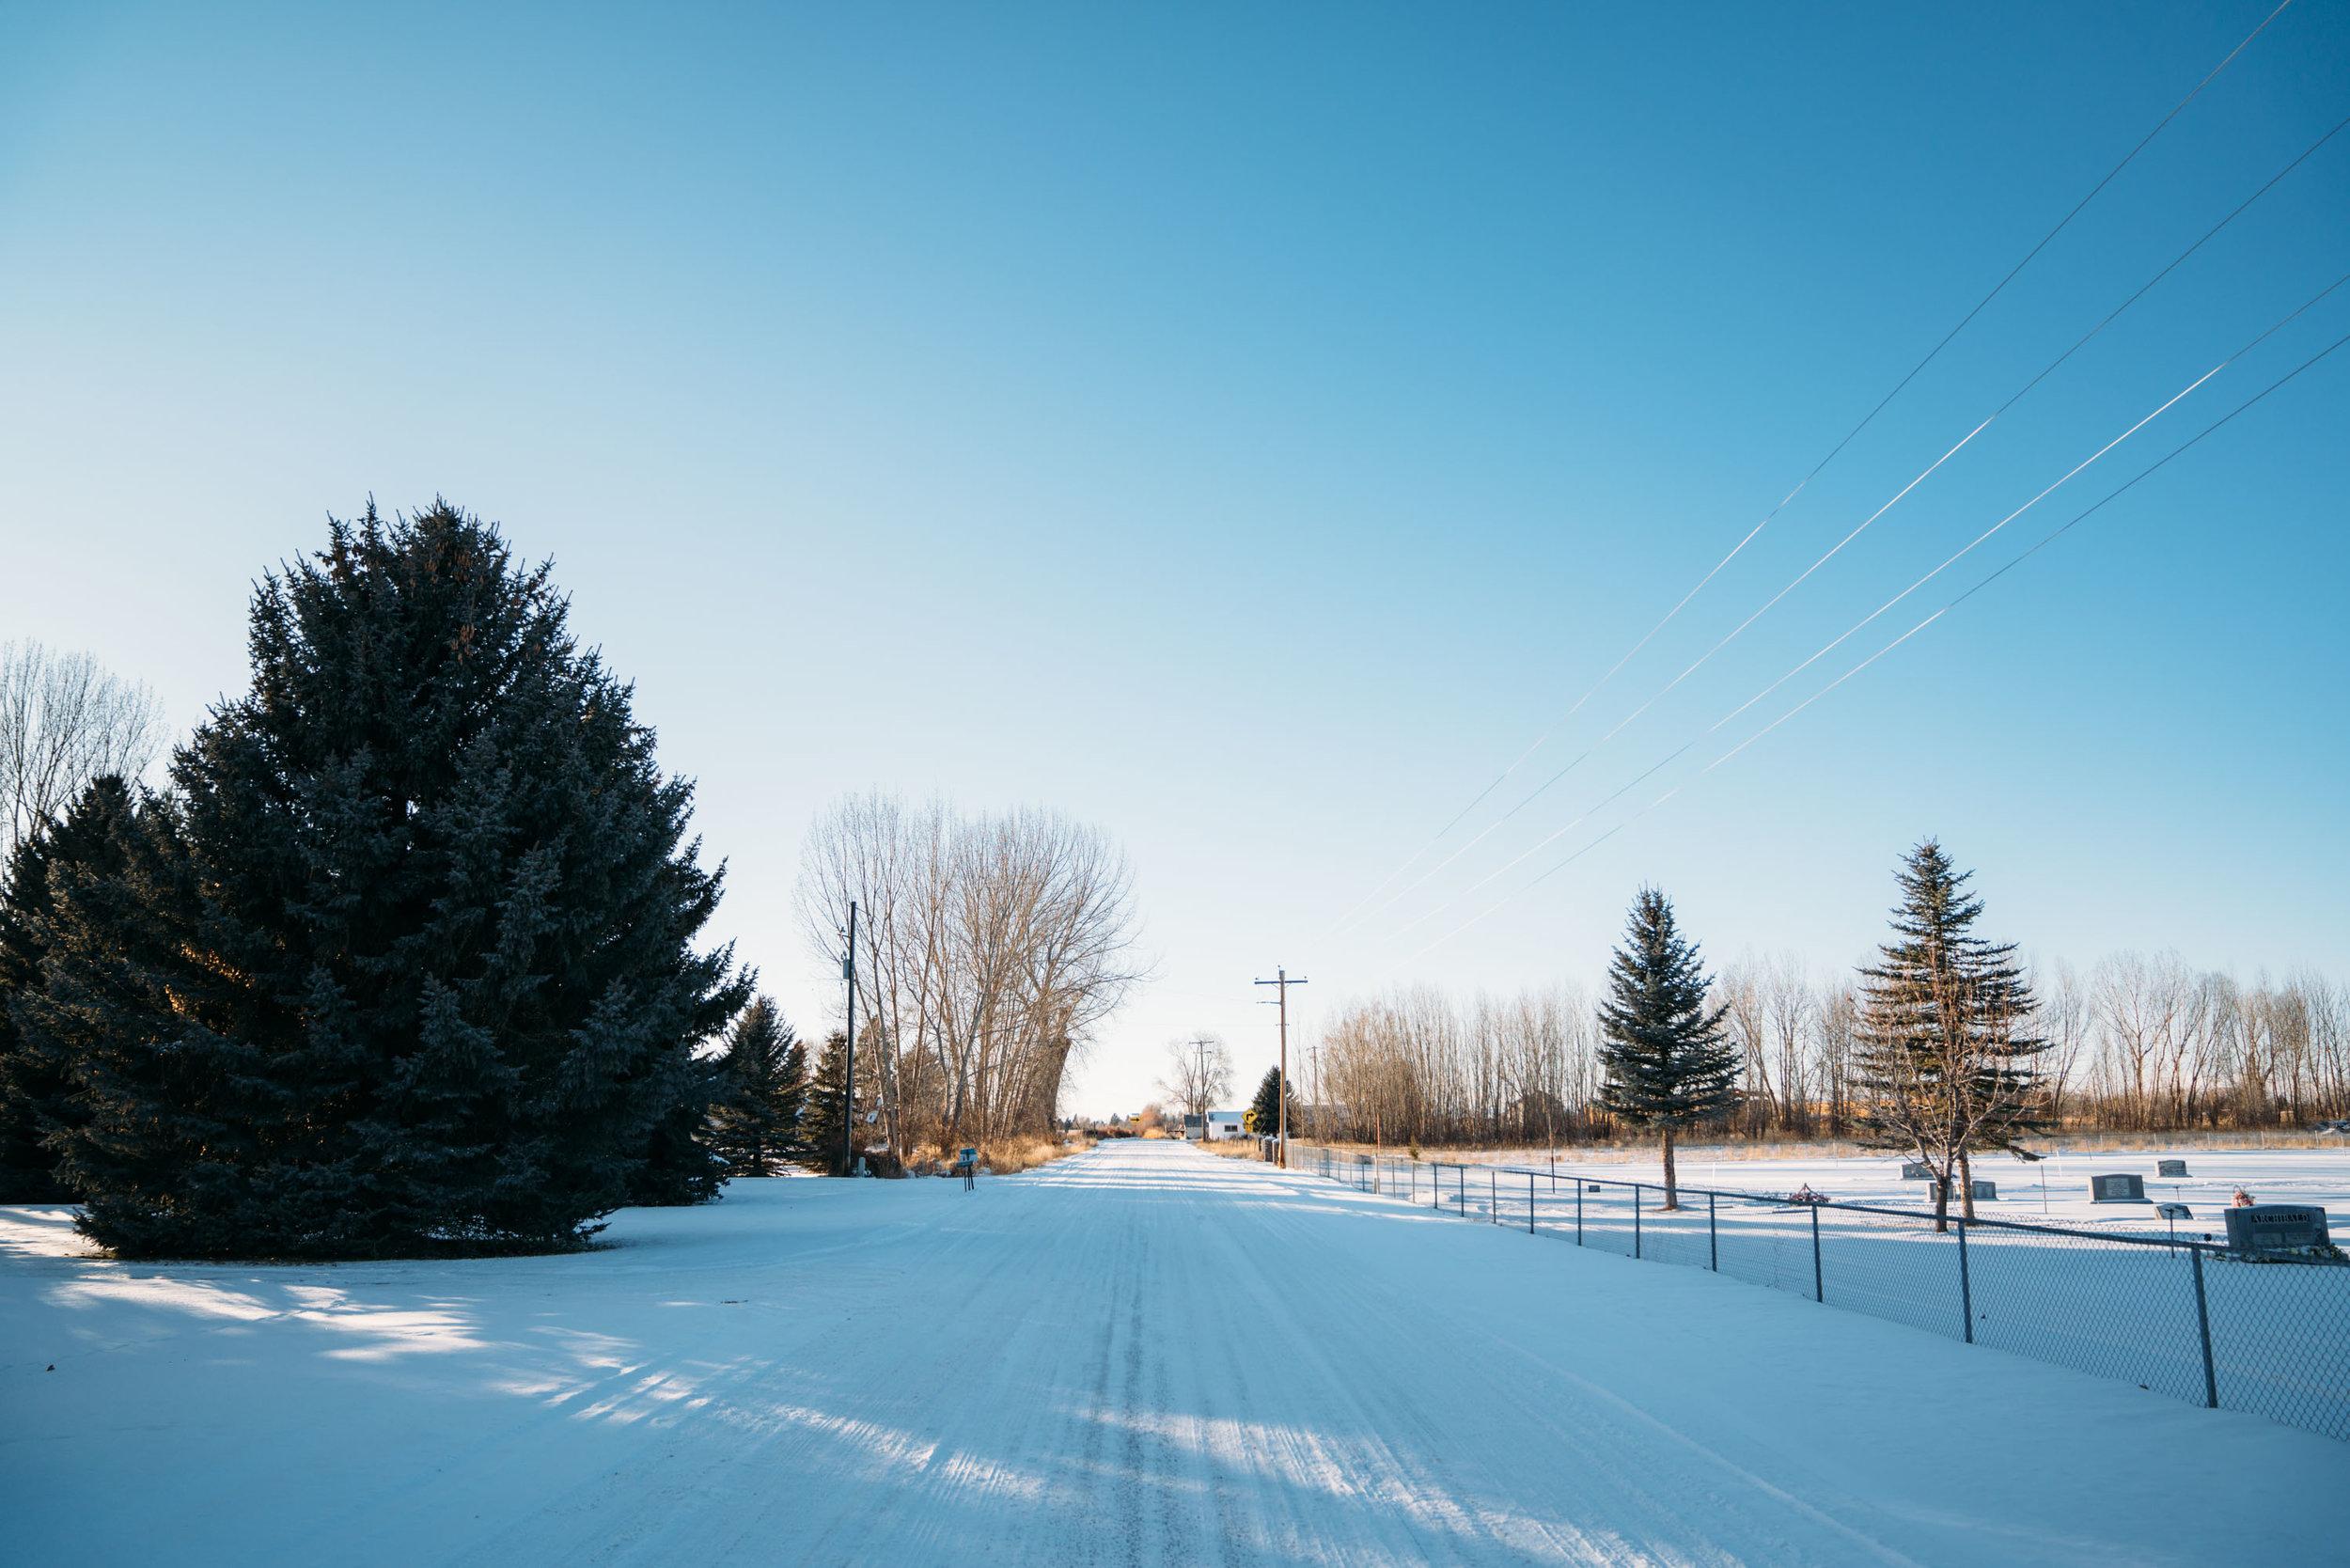 shirley-christmas-43.jpg